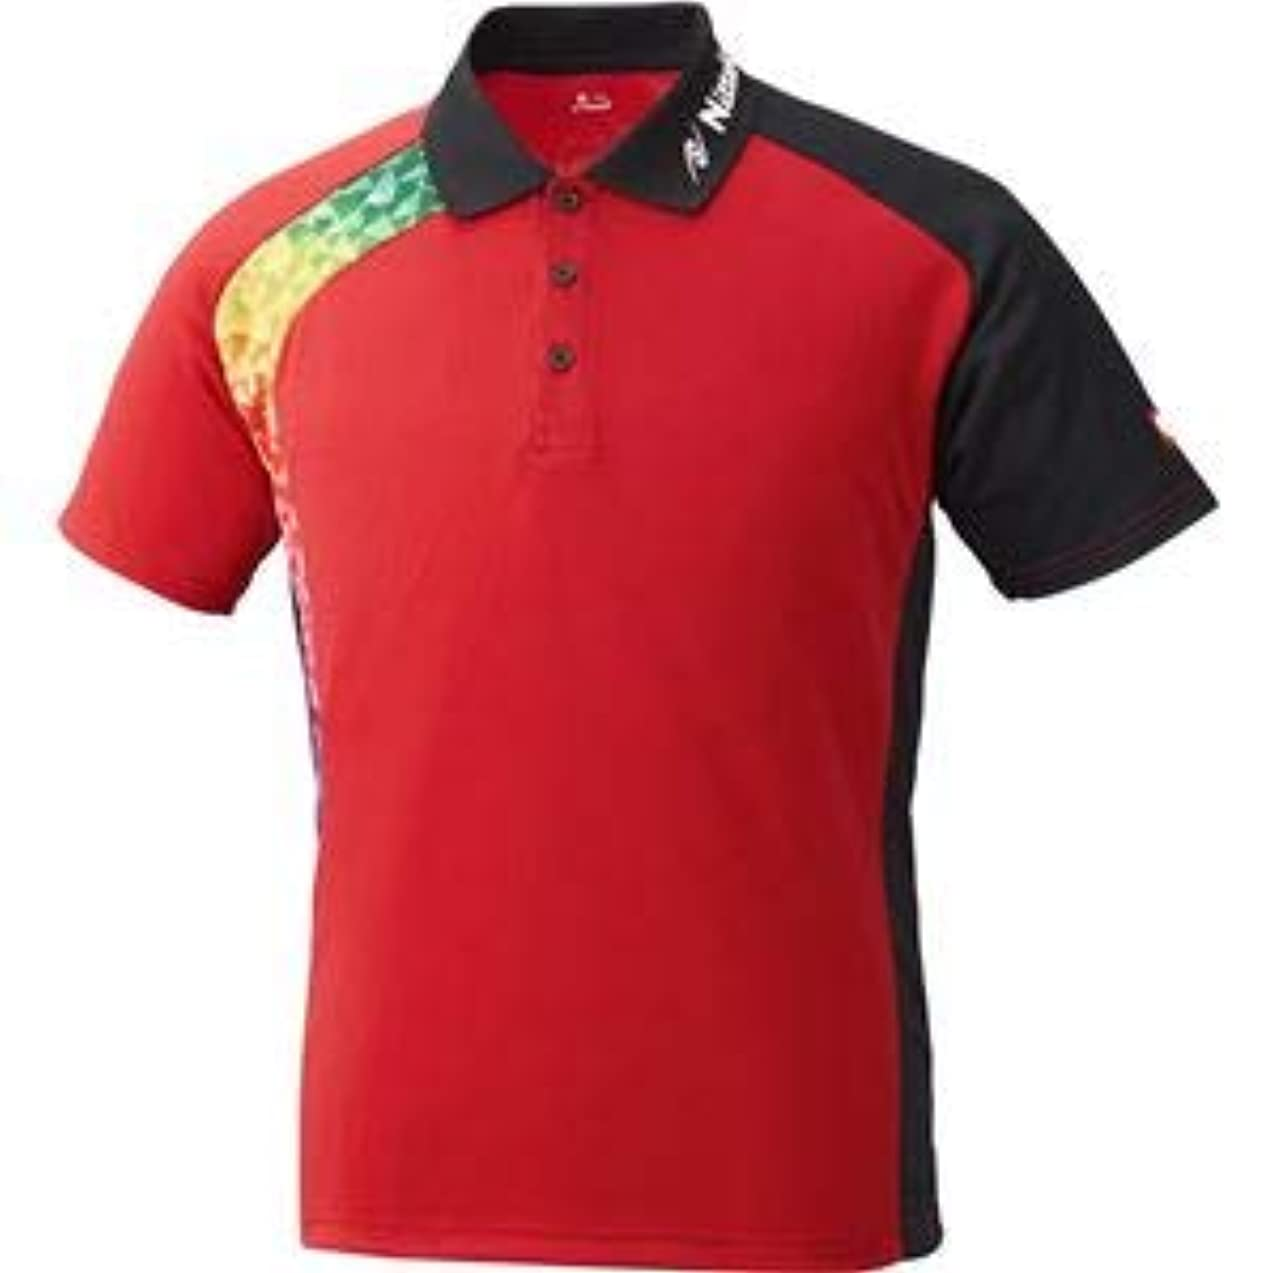 タック入手します区画ニッタク(Nittaku)卓球アパレル BUMERAN SHIRT(ブメランシャツ)ゲームシャツ(男女兼用 )NW2178 レッド SS